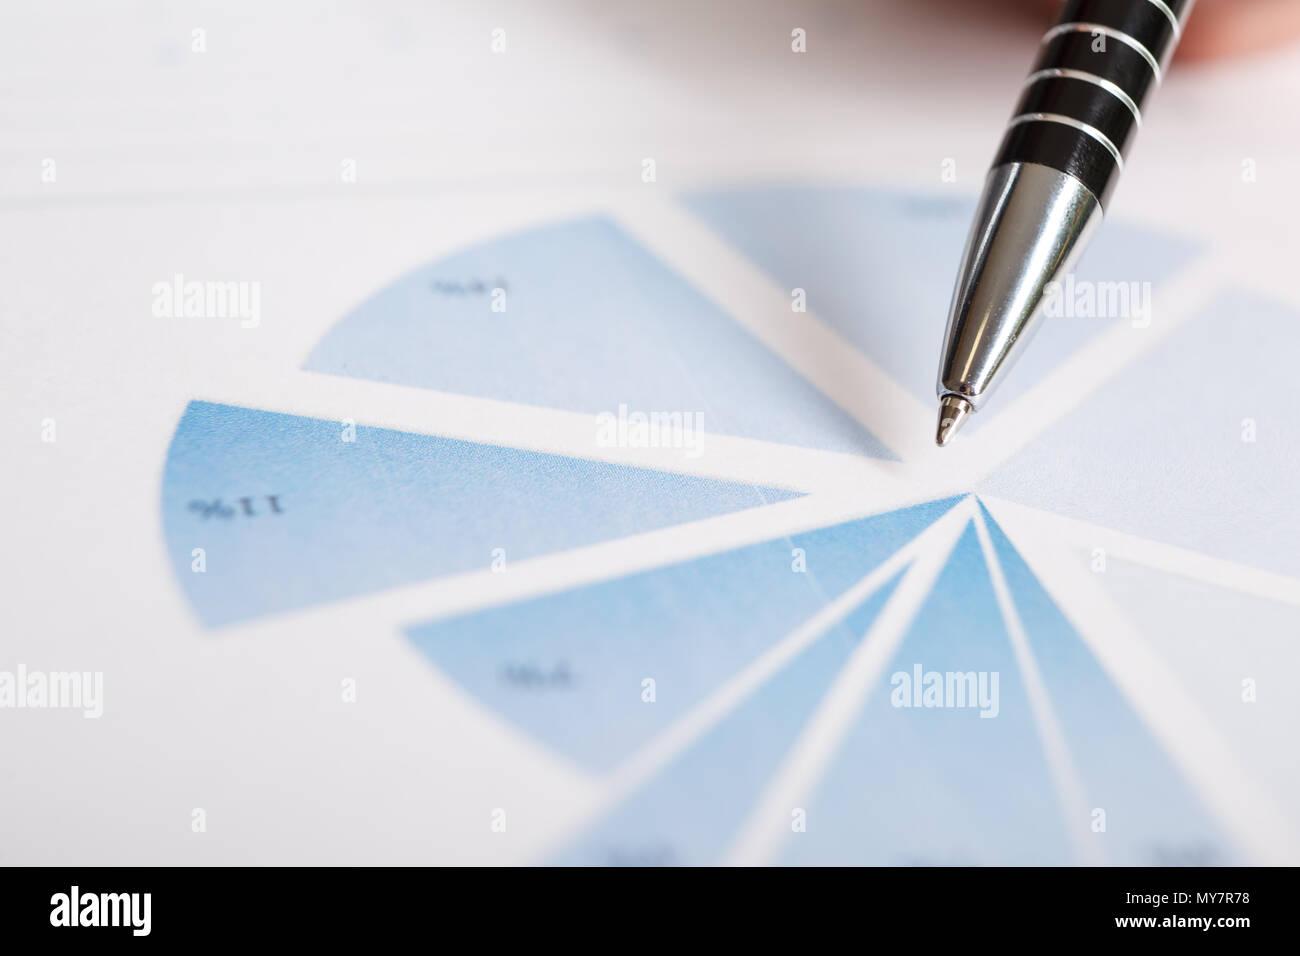 Stylo sur graphique. Macro image.Analyse des données financières concept Banque D'Images